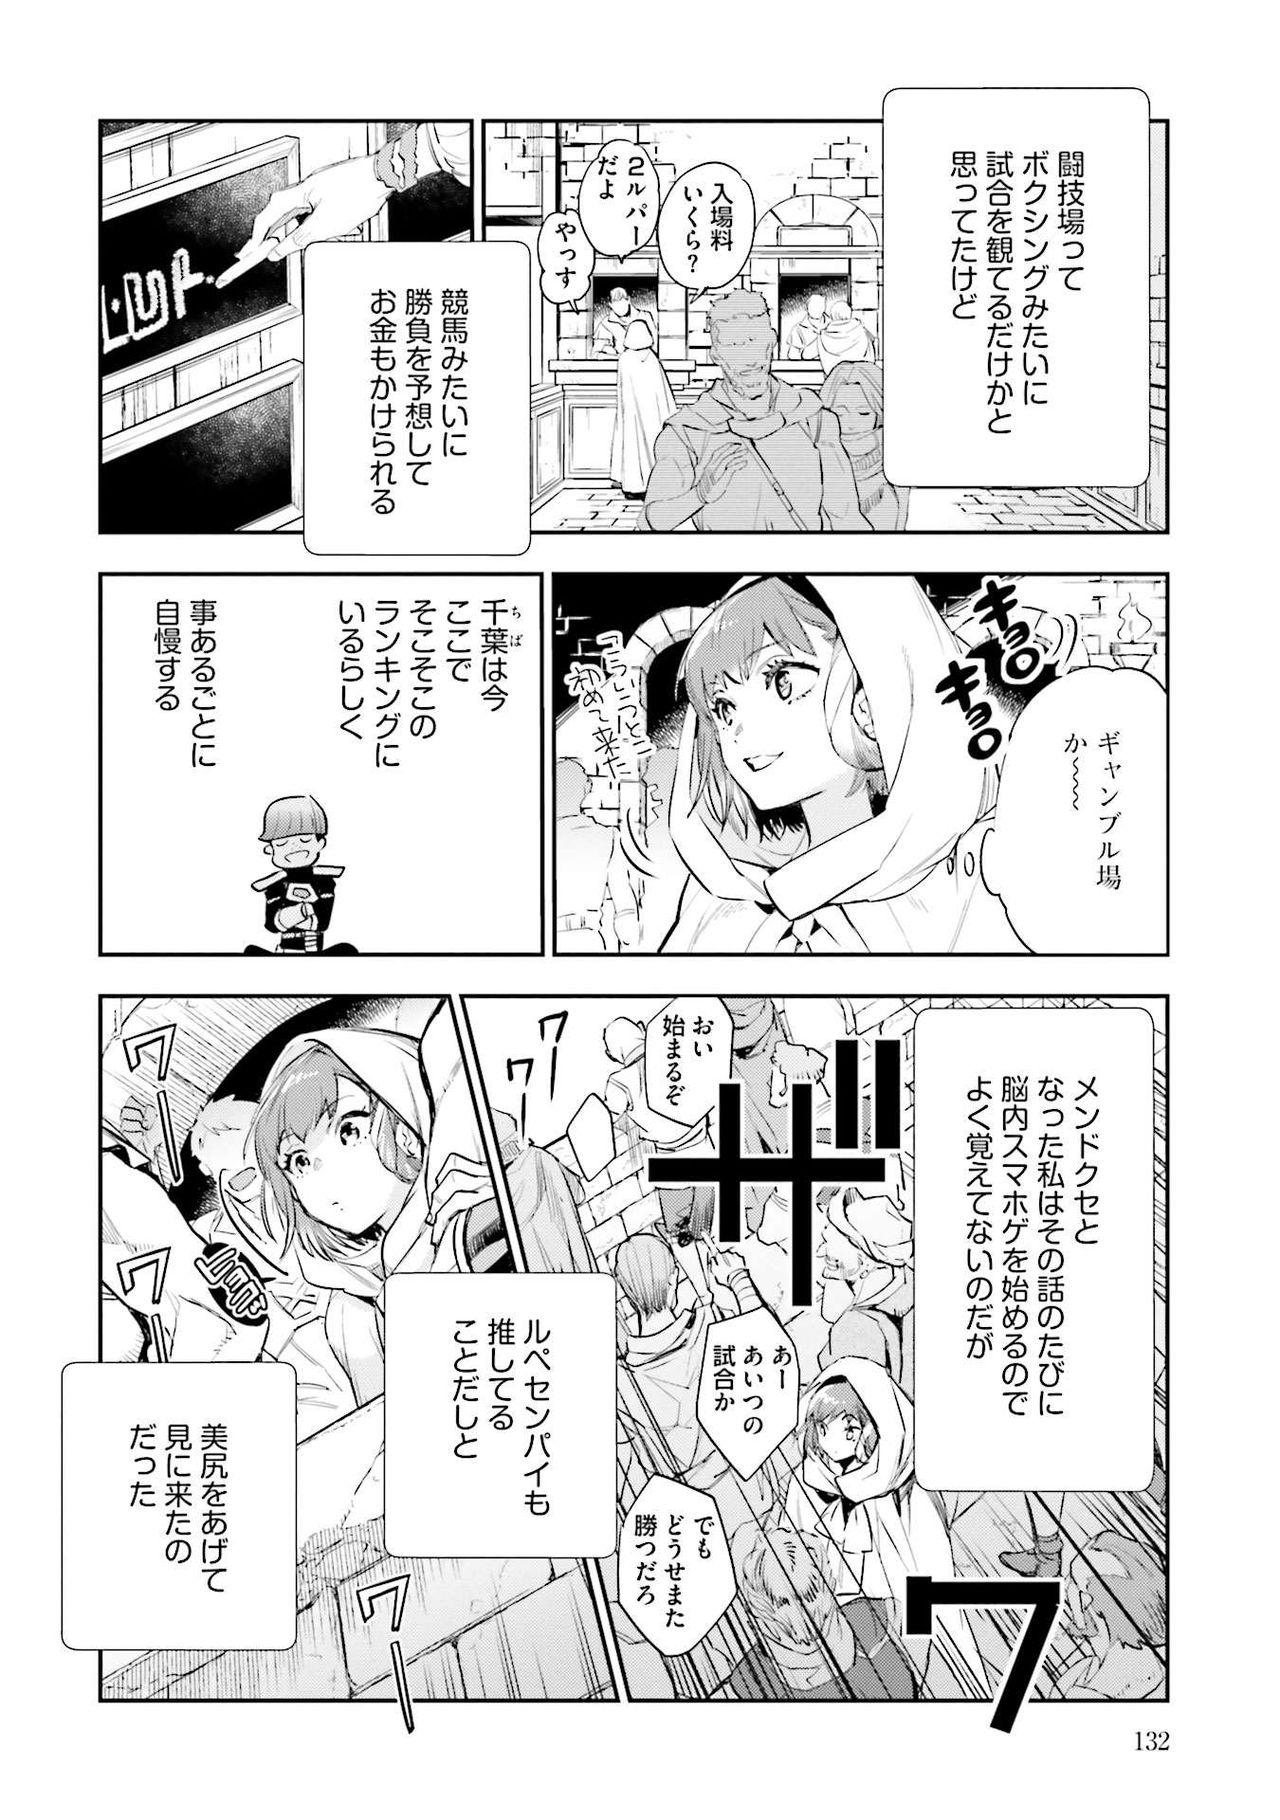 JK Haru wa Isekai de Shoufu ni Natta 1-14 133